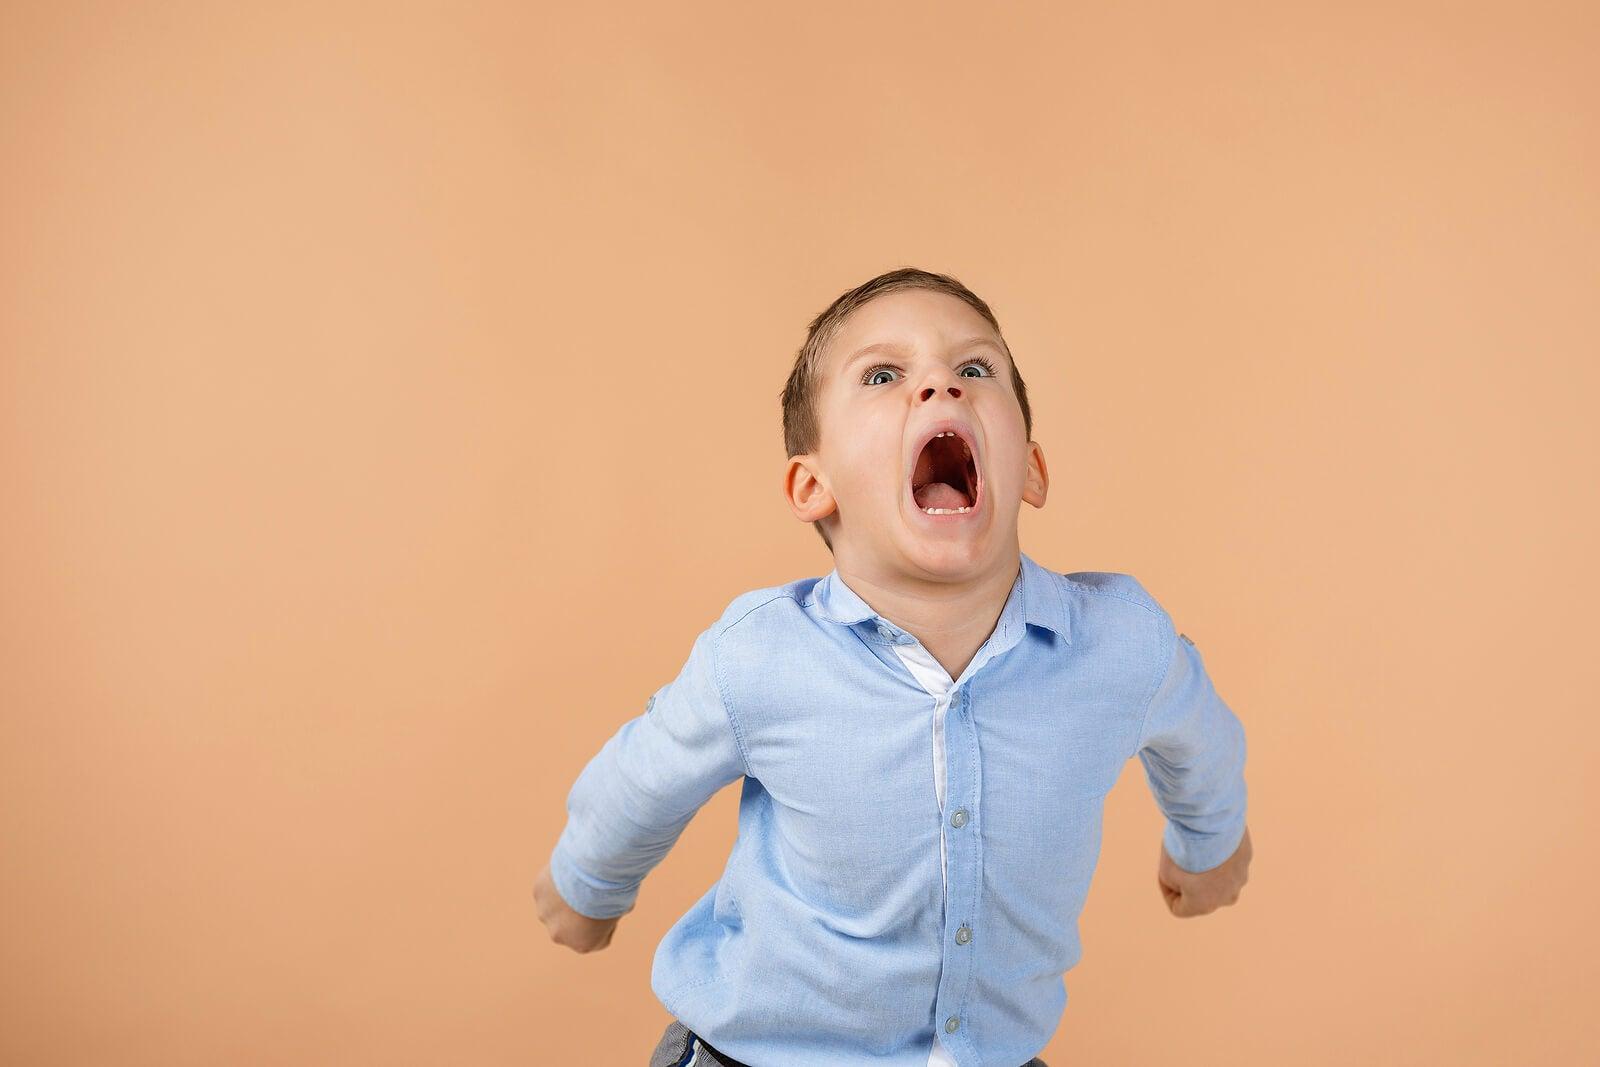 Niño gritando lleno de ira.